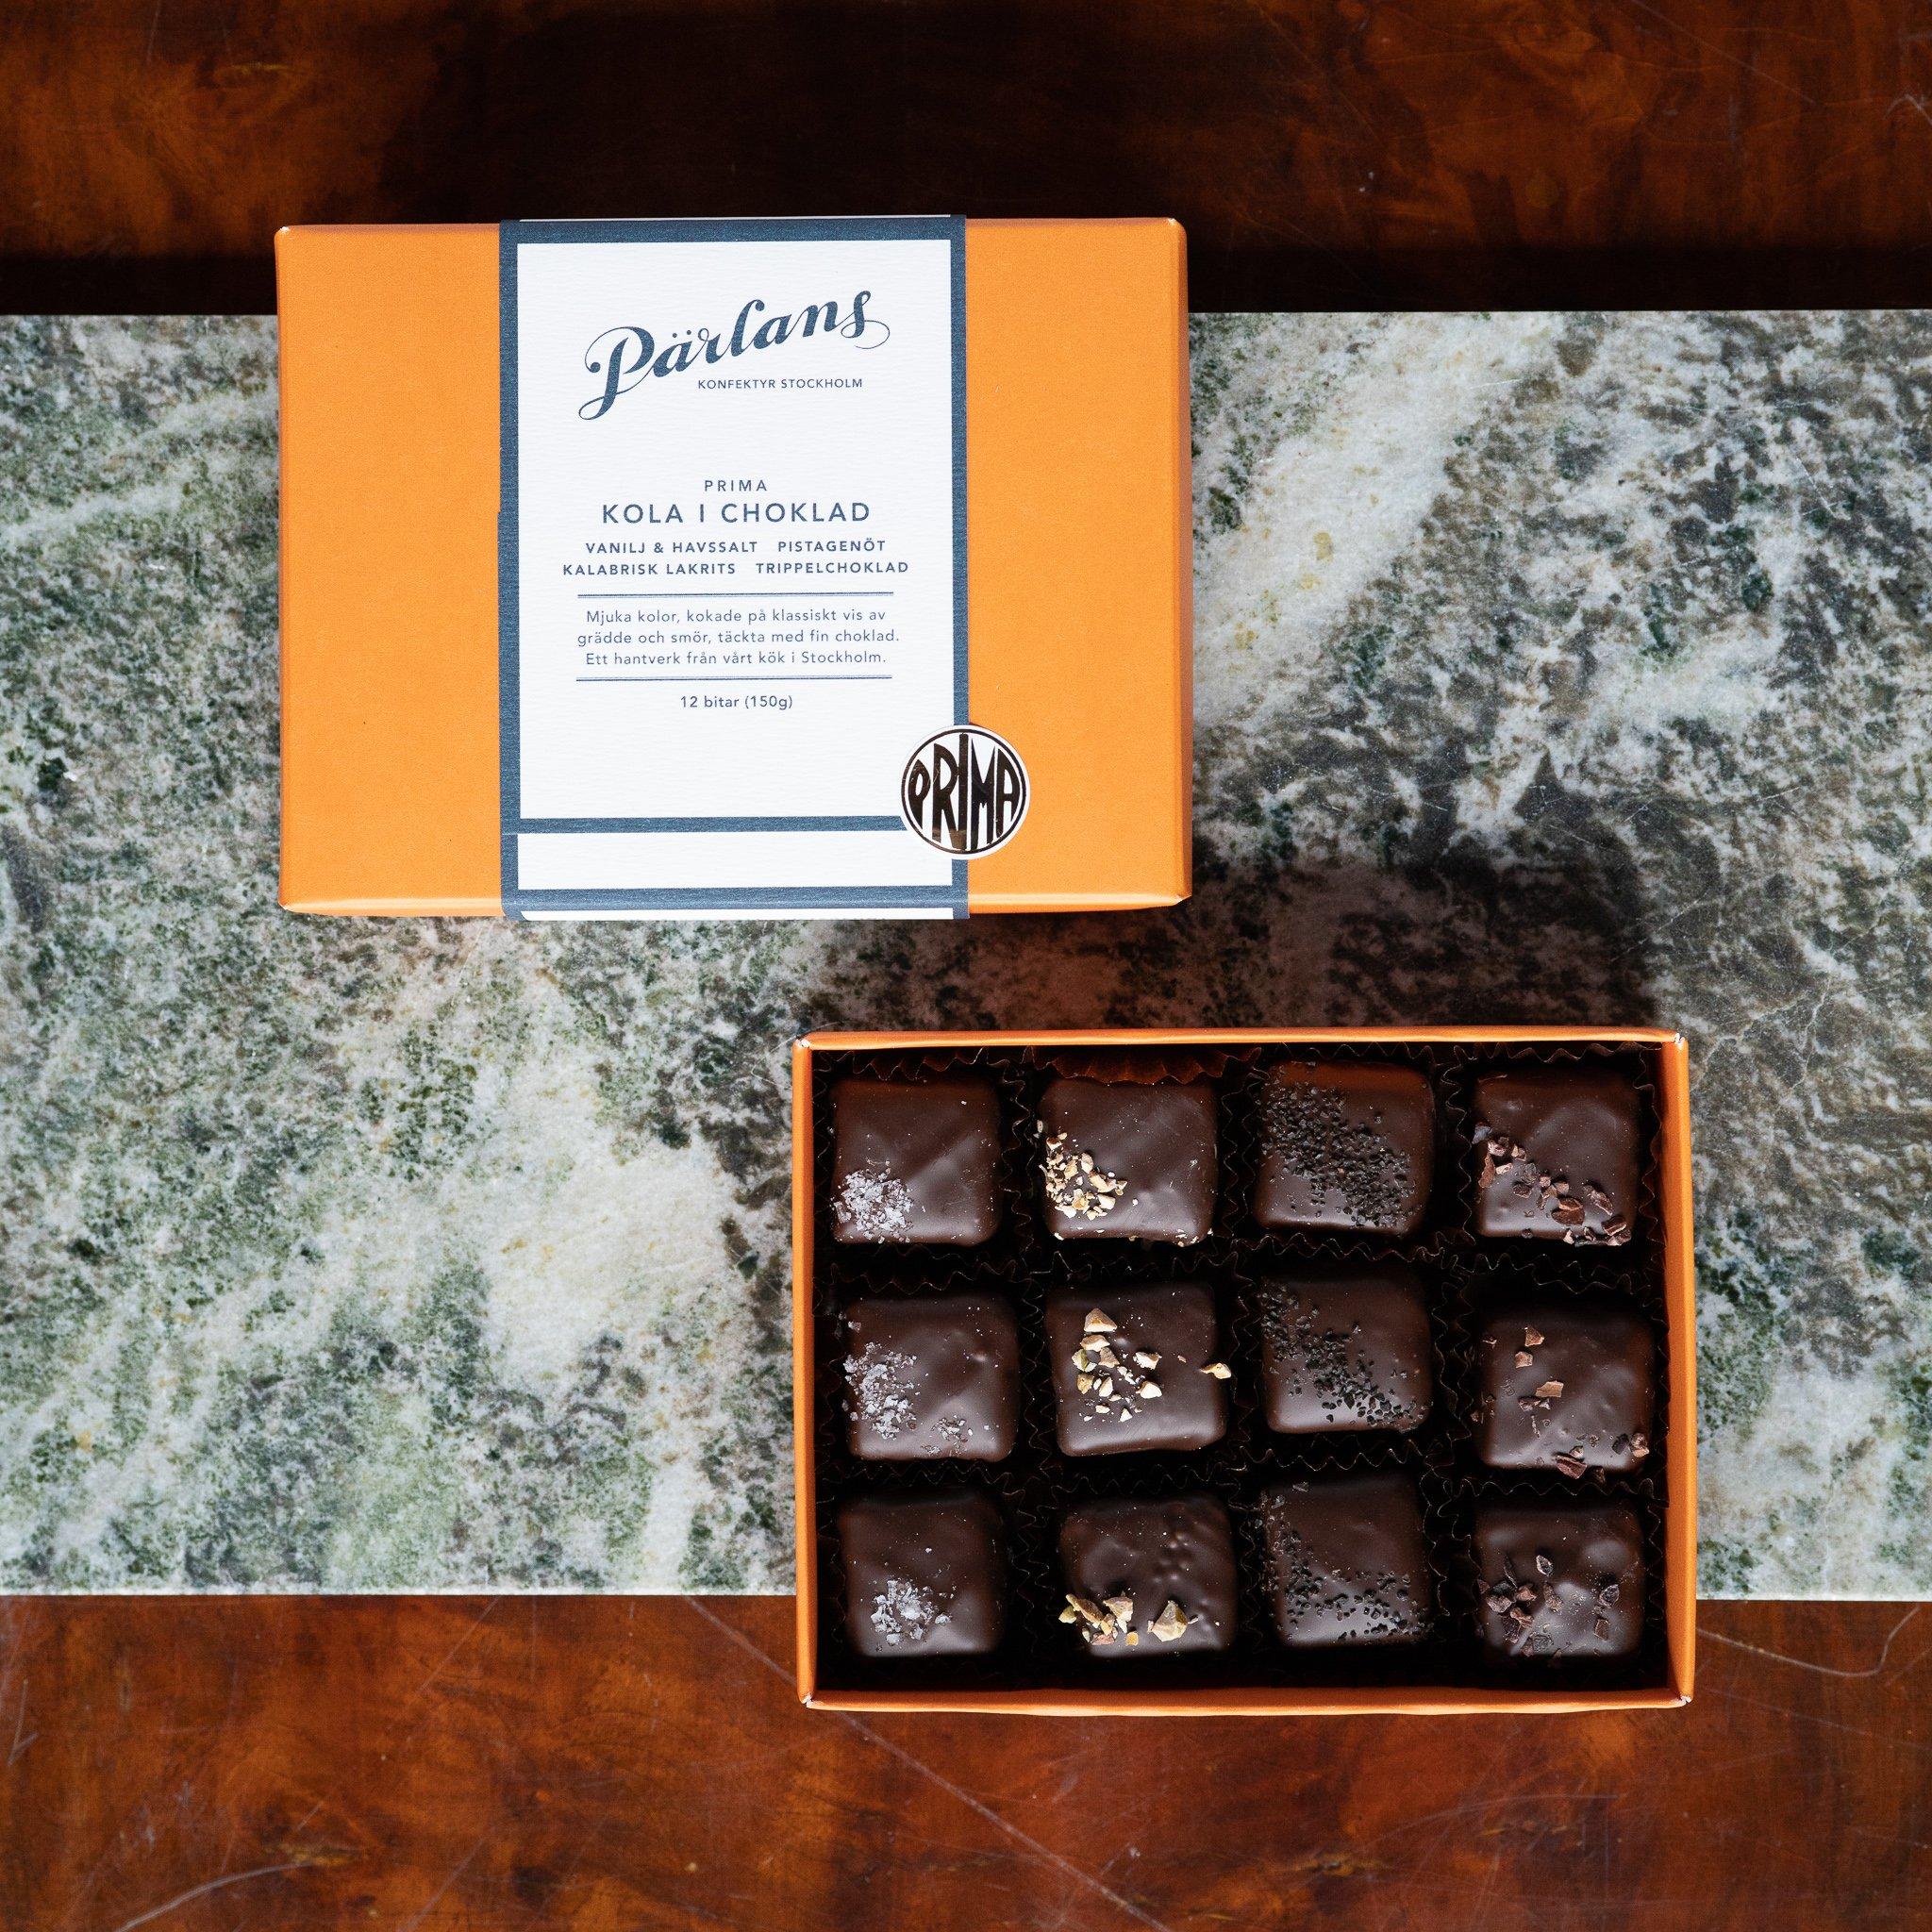 Pärlans Konfektyr karameller i sjokolade - Våra favoriter -